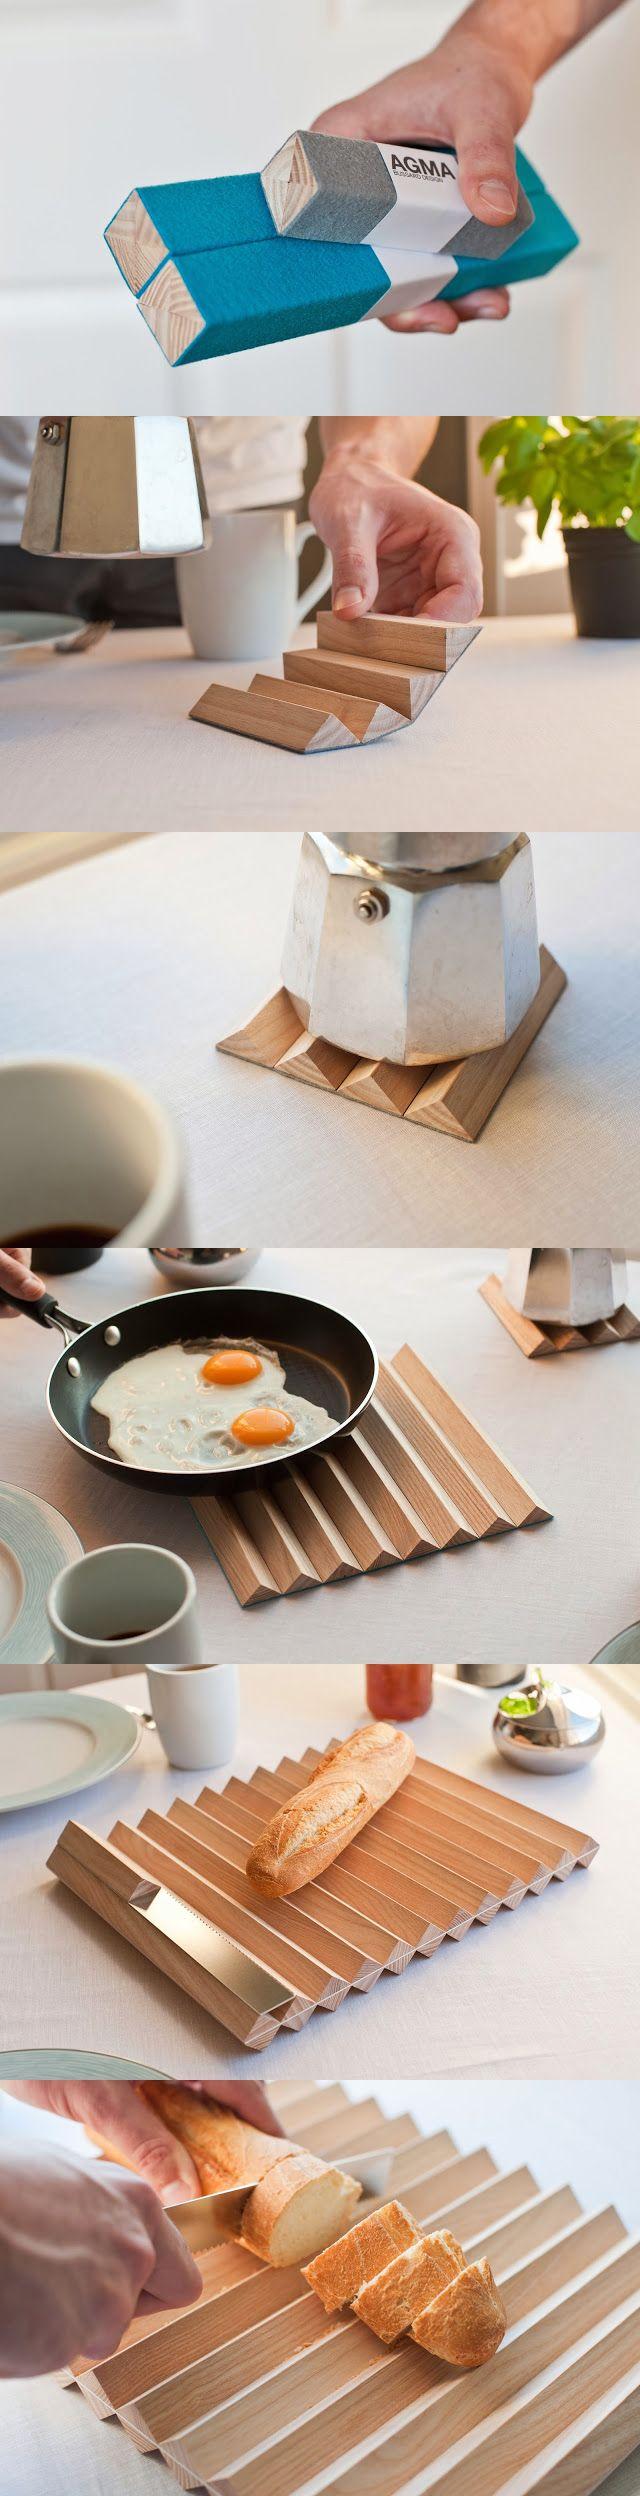 돌돌 말면 네모 기둥으로 정리되서 큰 공간을 차지하지 않고 정리도 하기 쉬운 디자인이라고 생각된다.